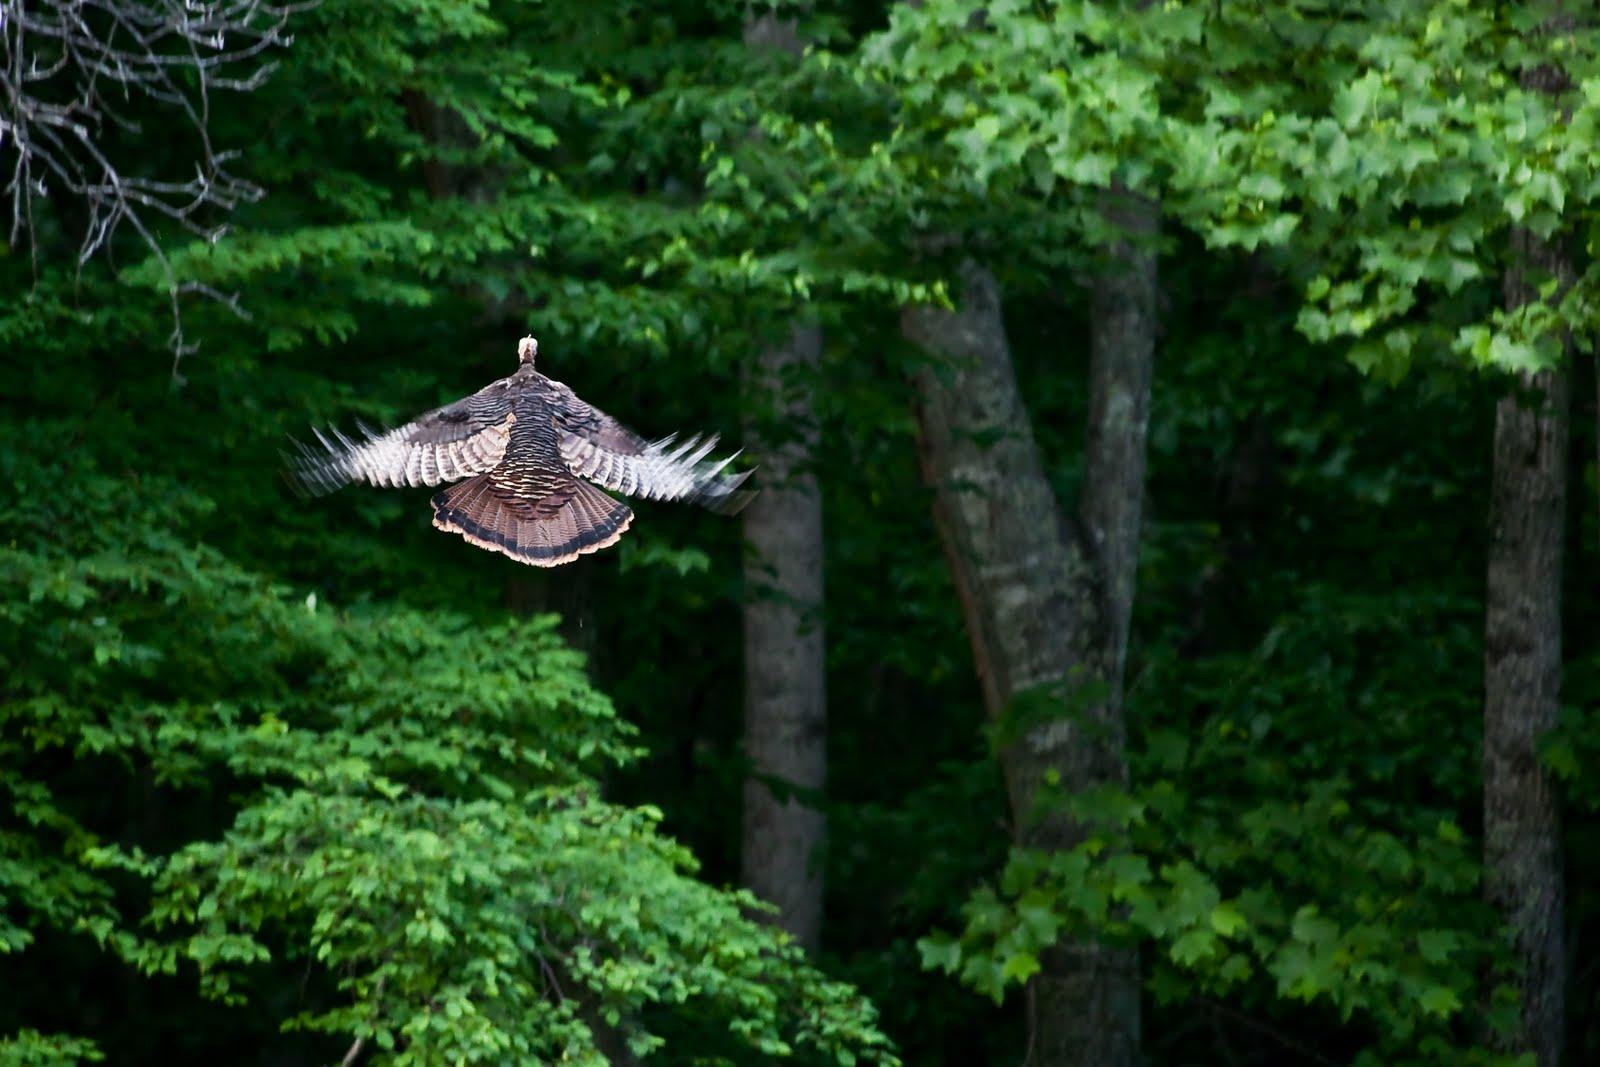 Wild turkey flight - photo#23